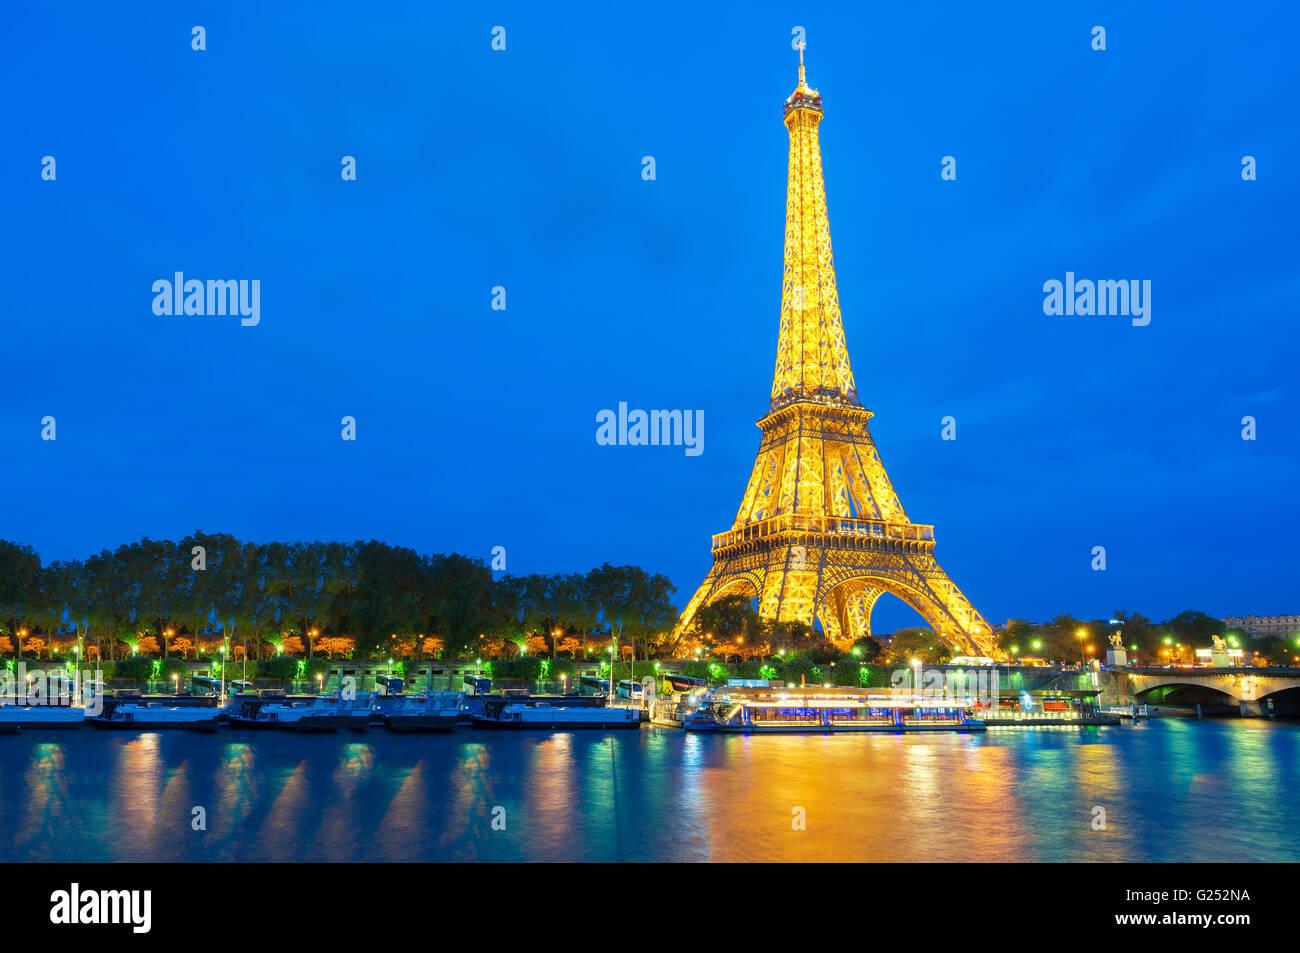 Schöne Aussicht auf beleuchteten Eiffelturm in der Abenddämmerung, Paris, Frankreich Stockbild